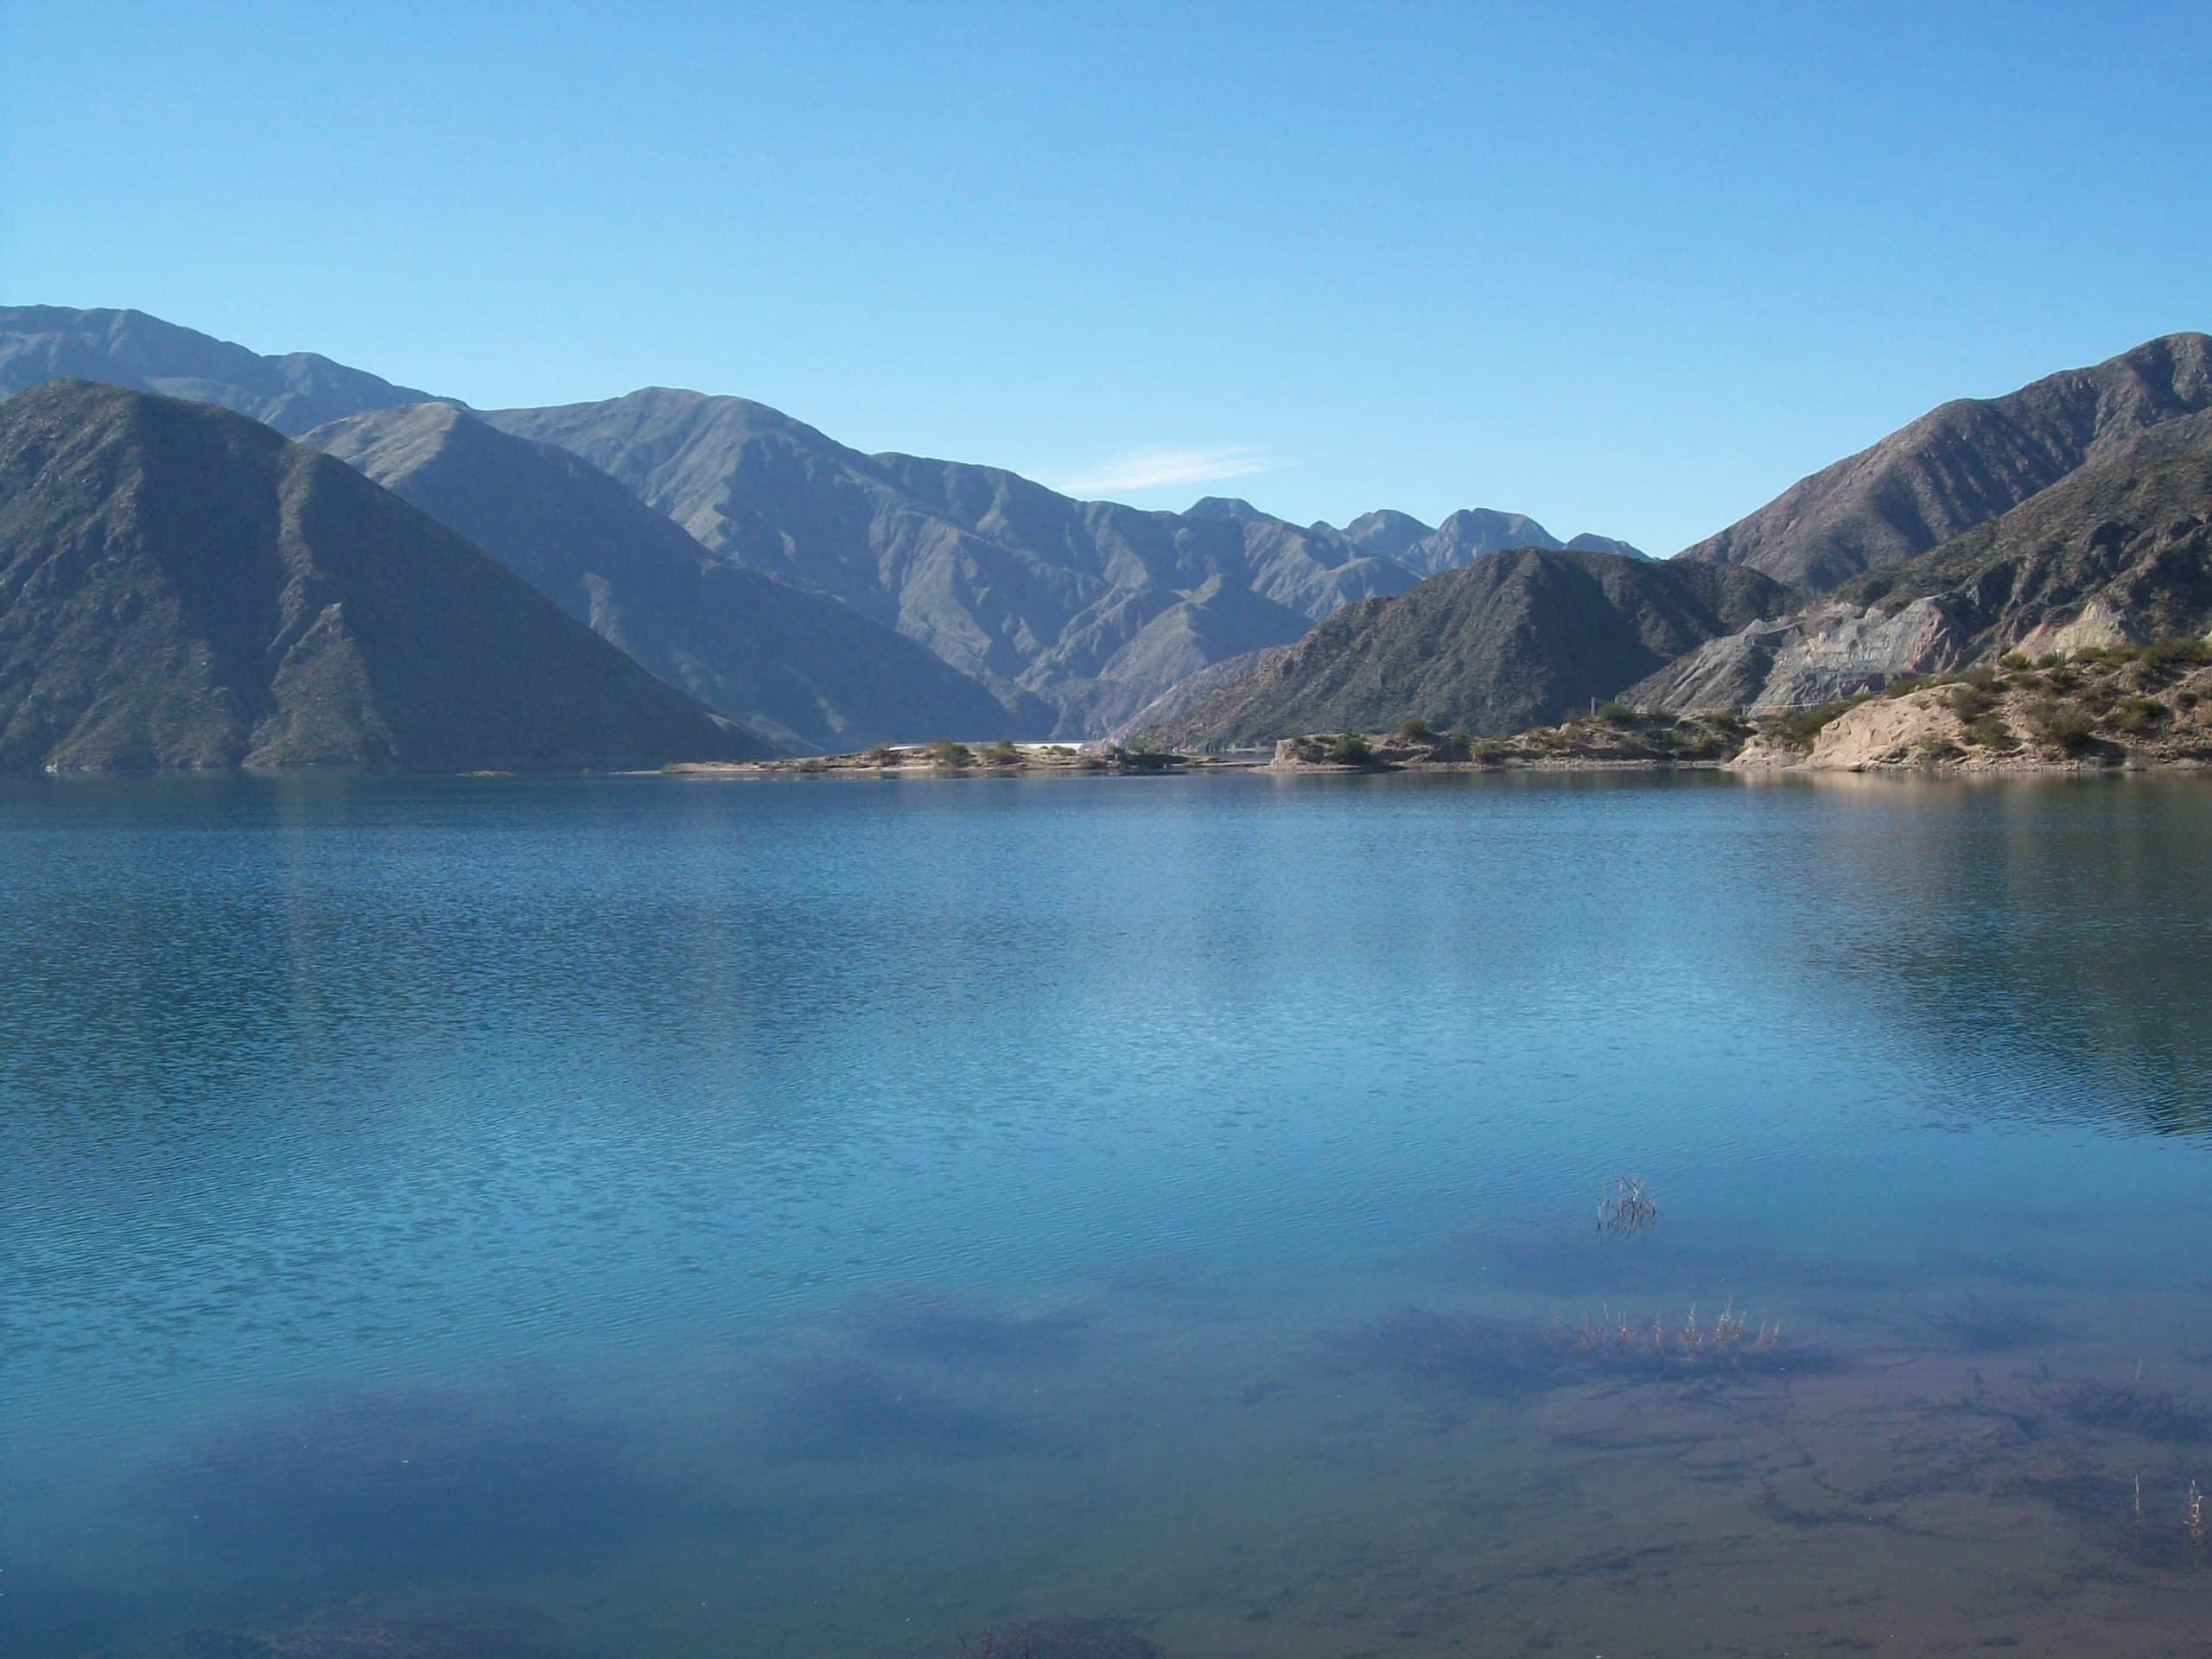 A represa Potrerillos. - Foto: Uliaparicio via Wikimedia